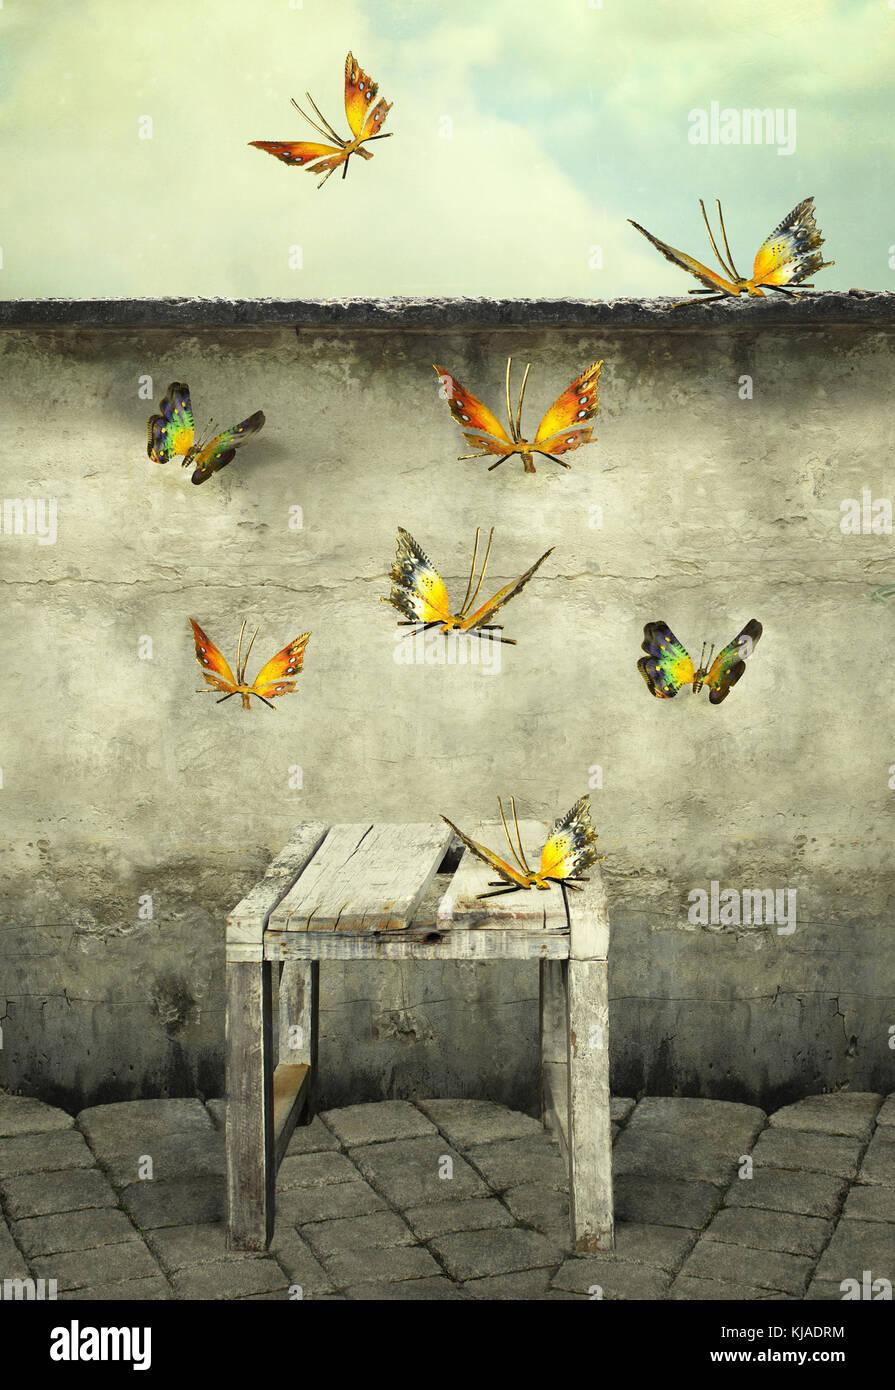 De nombreux papillons colorés voler dans le ciel avec un mur de déroulage et un banc, photo d'illustration Photo Stock